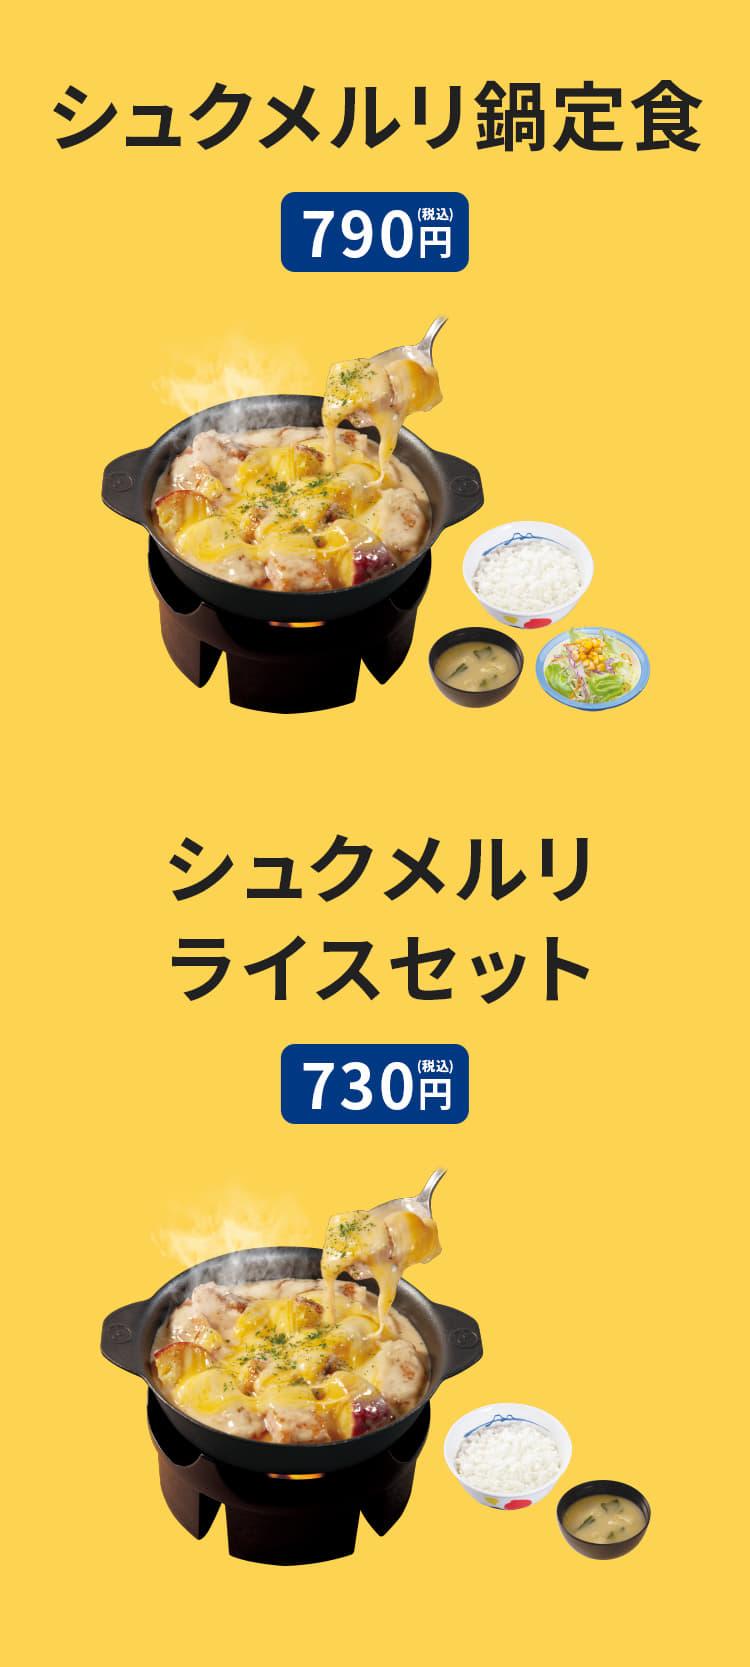 シュクメルリ鍋定食(ライス・生野菜・みそ汁付) 790円。 シュクメルリライスセット(ライス・みそ汁付) 730円。